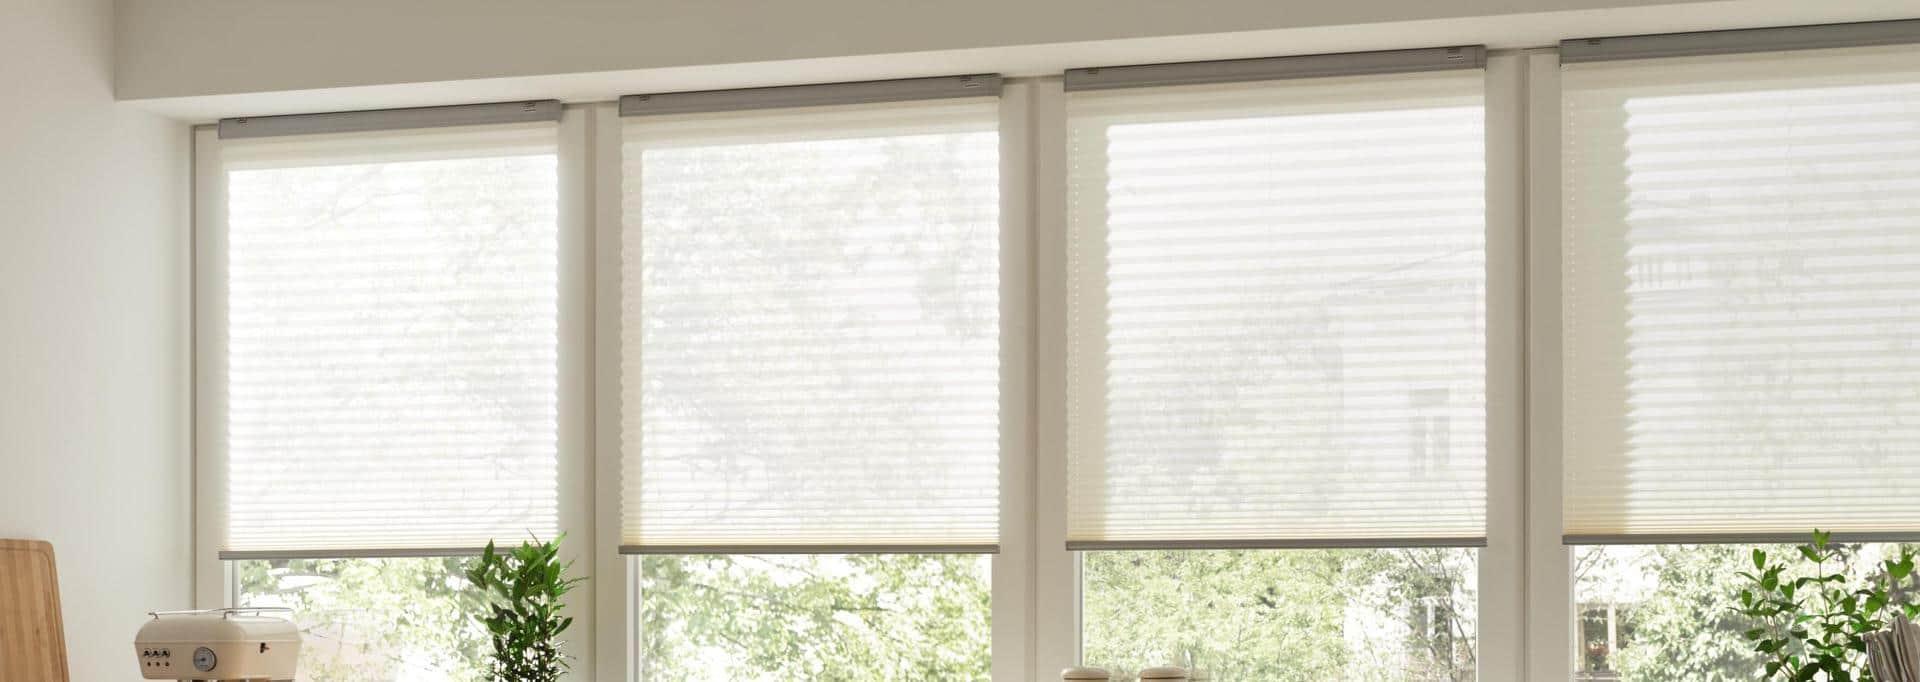 Full Size of Plissee Kinderzimmer Rollo Von Warema Schtzt Vor Sonne Und Neugierigen Blicken Fenster Sofa Regale Regal Weiß Kinderzimmer Plissee Kinderzimmer